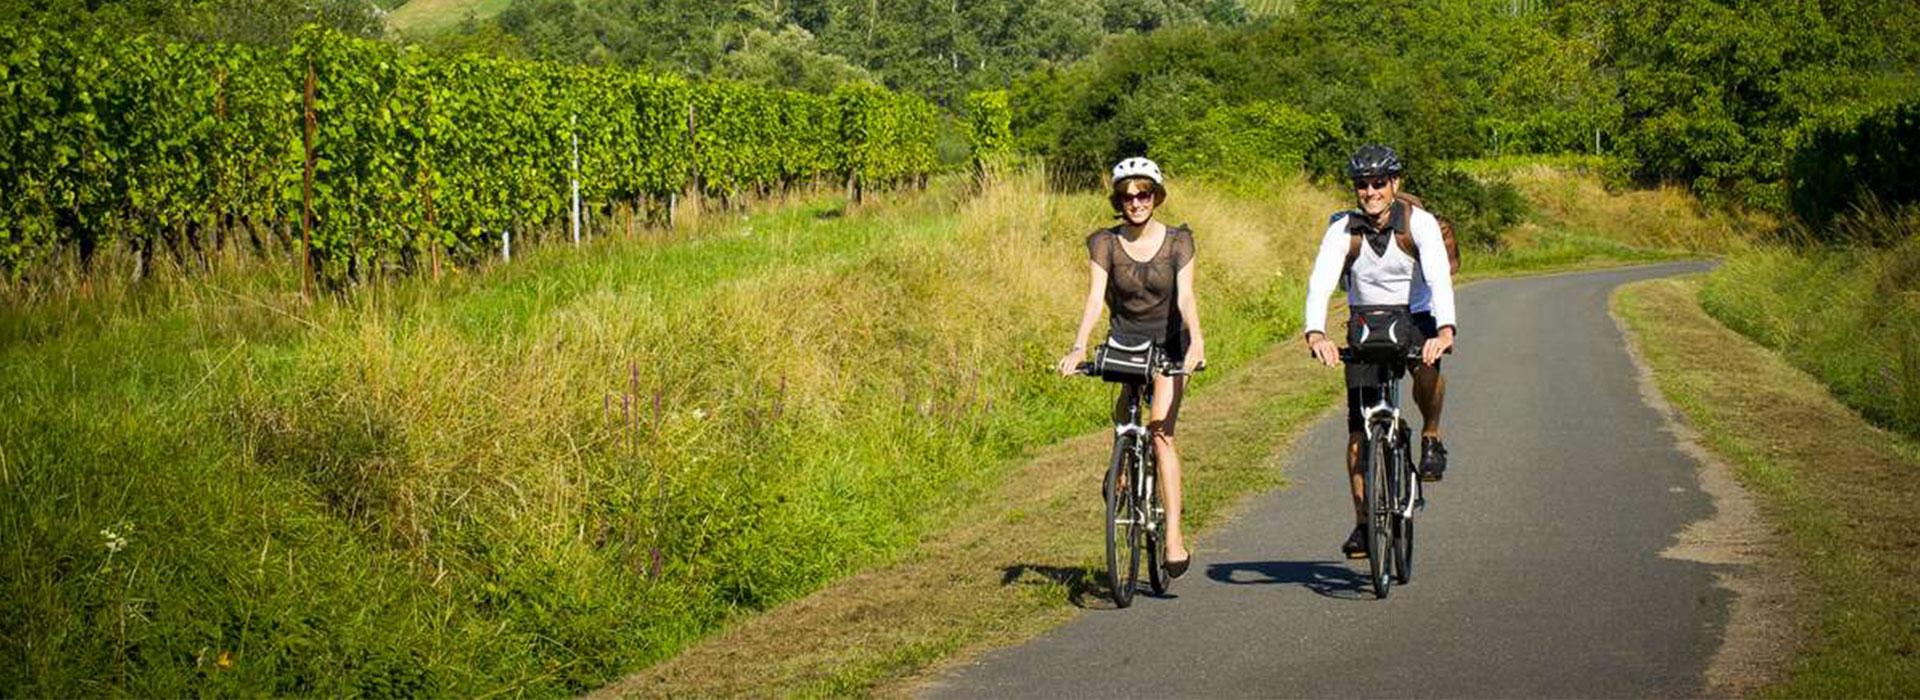 Alsace Vélo, Voyage, Agence de Voyages, Agence Réceptive, Lisela, Grand Est